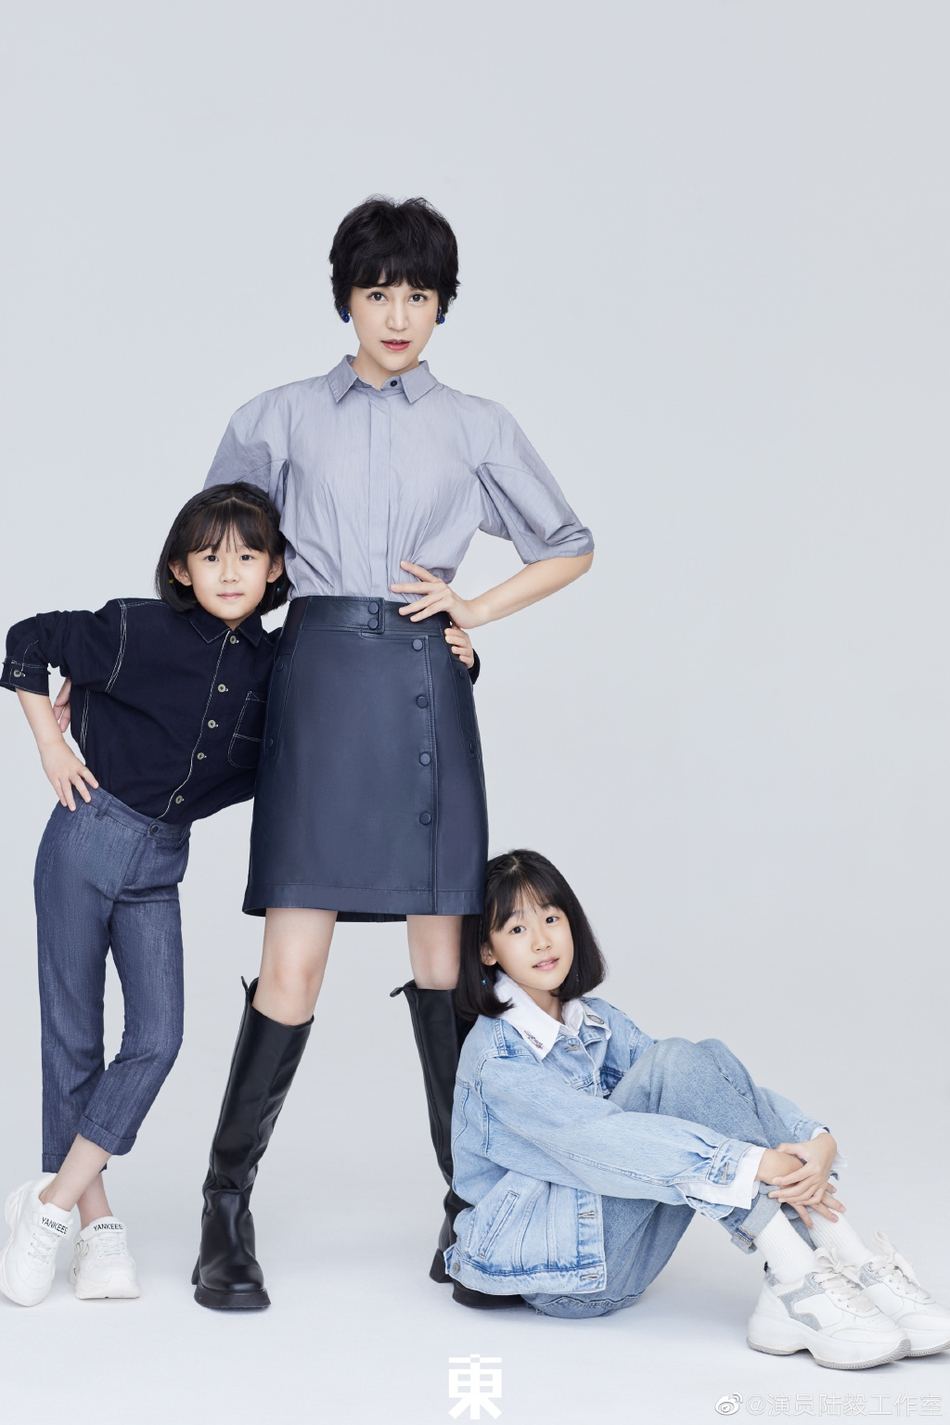 组图:鲍蕾携两女儿穿亲子装拍照 贝儿眉眼长开小淑女气质明显